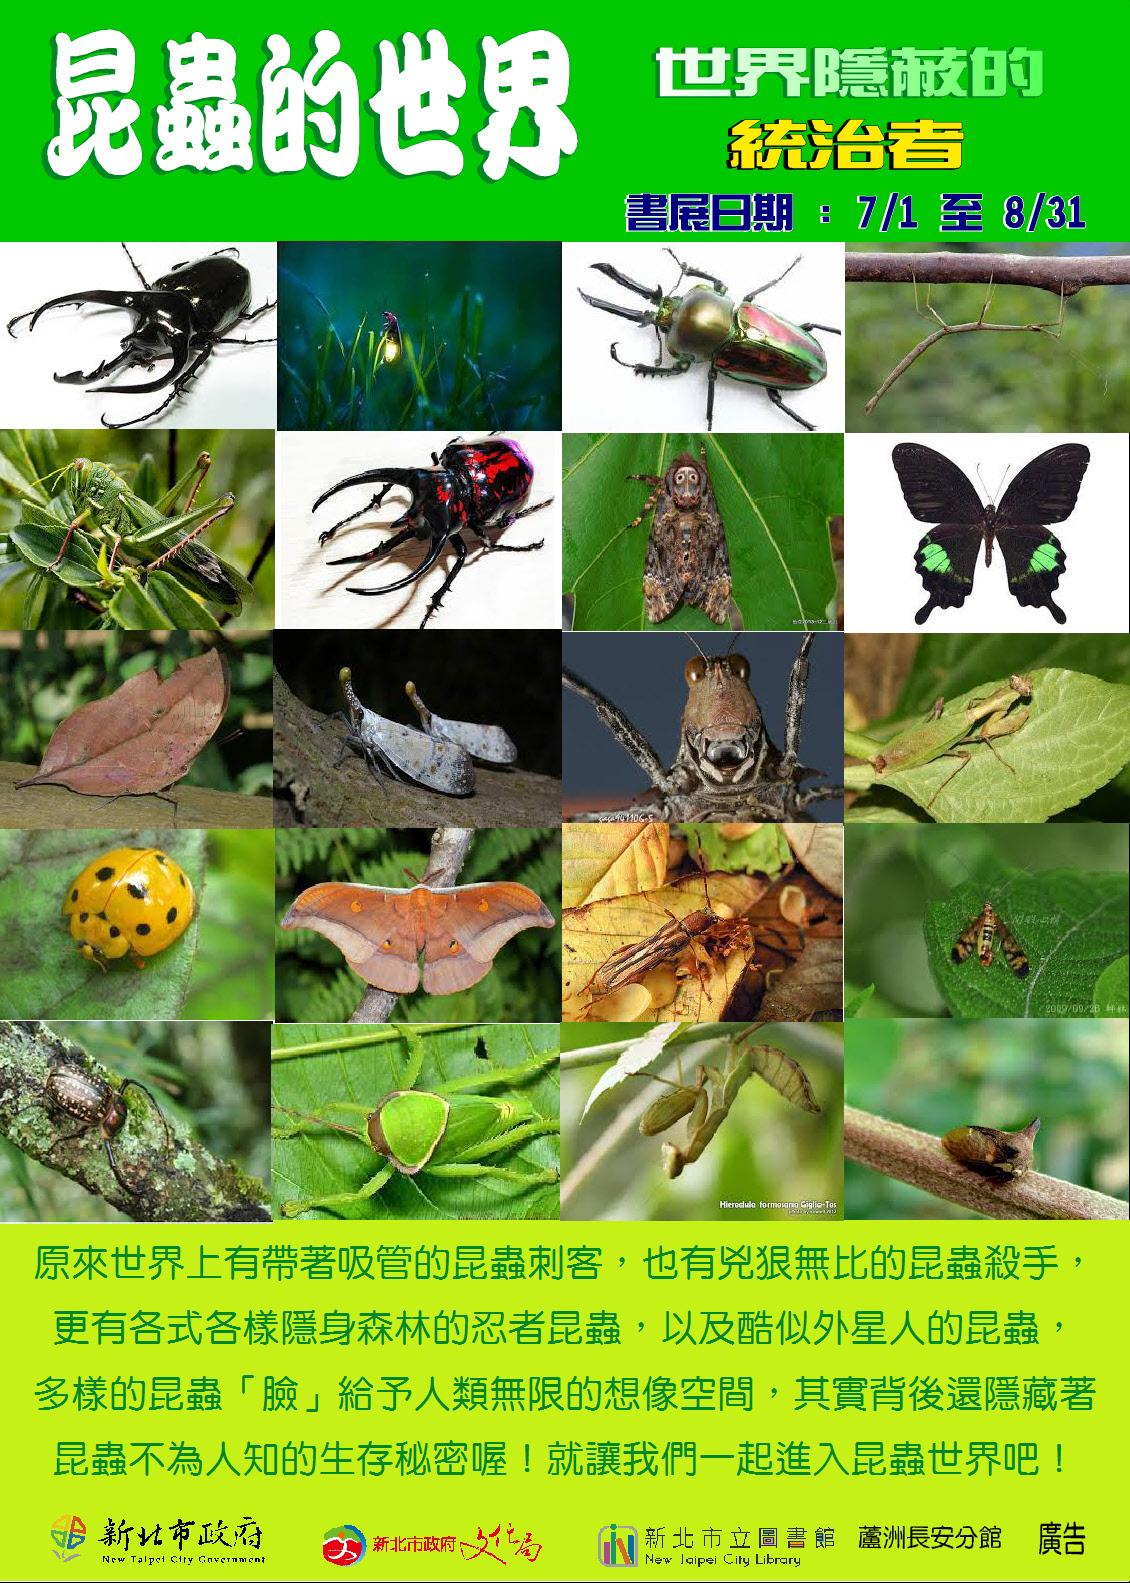 時間: 108年07月01日至108年08月31日, 週二至週六08:30~ 21:00, 週日至週一08:30~ 17:00, 國定假日與清館日(每月最後一個星期四)不對外開放。  簡介: 原來世界上有帶著吸管的昆蟲刺客,也有兇狠無比的昆蟲殺手,更有各式各樣隱身森林的忍者昆蟲,以及酷似外星人的昆蟲,多樣的昆蟲「臉」給予人類無限的想像空間,其實背後還隱藏著昆蟲不為人知的生存秘密喔!就讓我們一起進入昆蟲世界吧!   ◎活動單位保有取消、變更之權利,詳情請依現場為主。 ◎免費入場,無須報名,禁止飲食。  位置:蘆洲長安分館/主題書展區 交通: 搭乘公車:可搭乘長安線社區免費巴士、三重客運綠色232、811、首都客運14,至忠義廟站下車步行2分鐘即達。 洽詢電話:02-2847-5873。